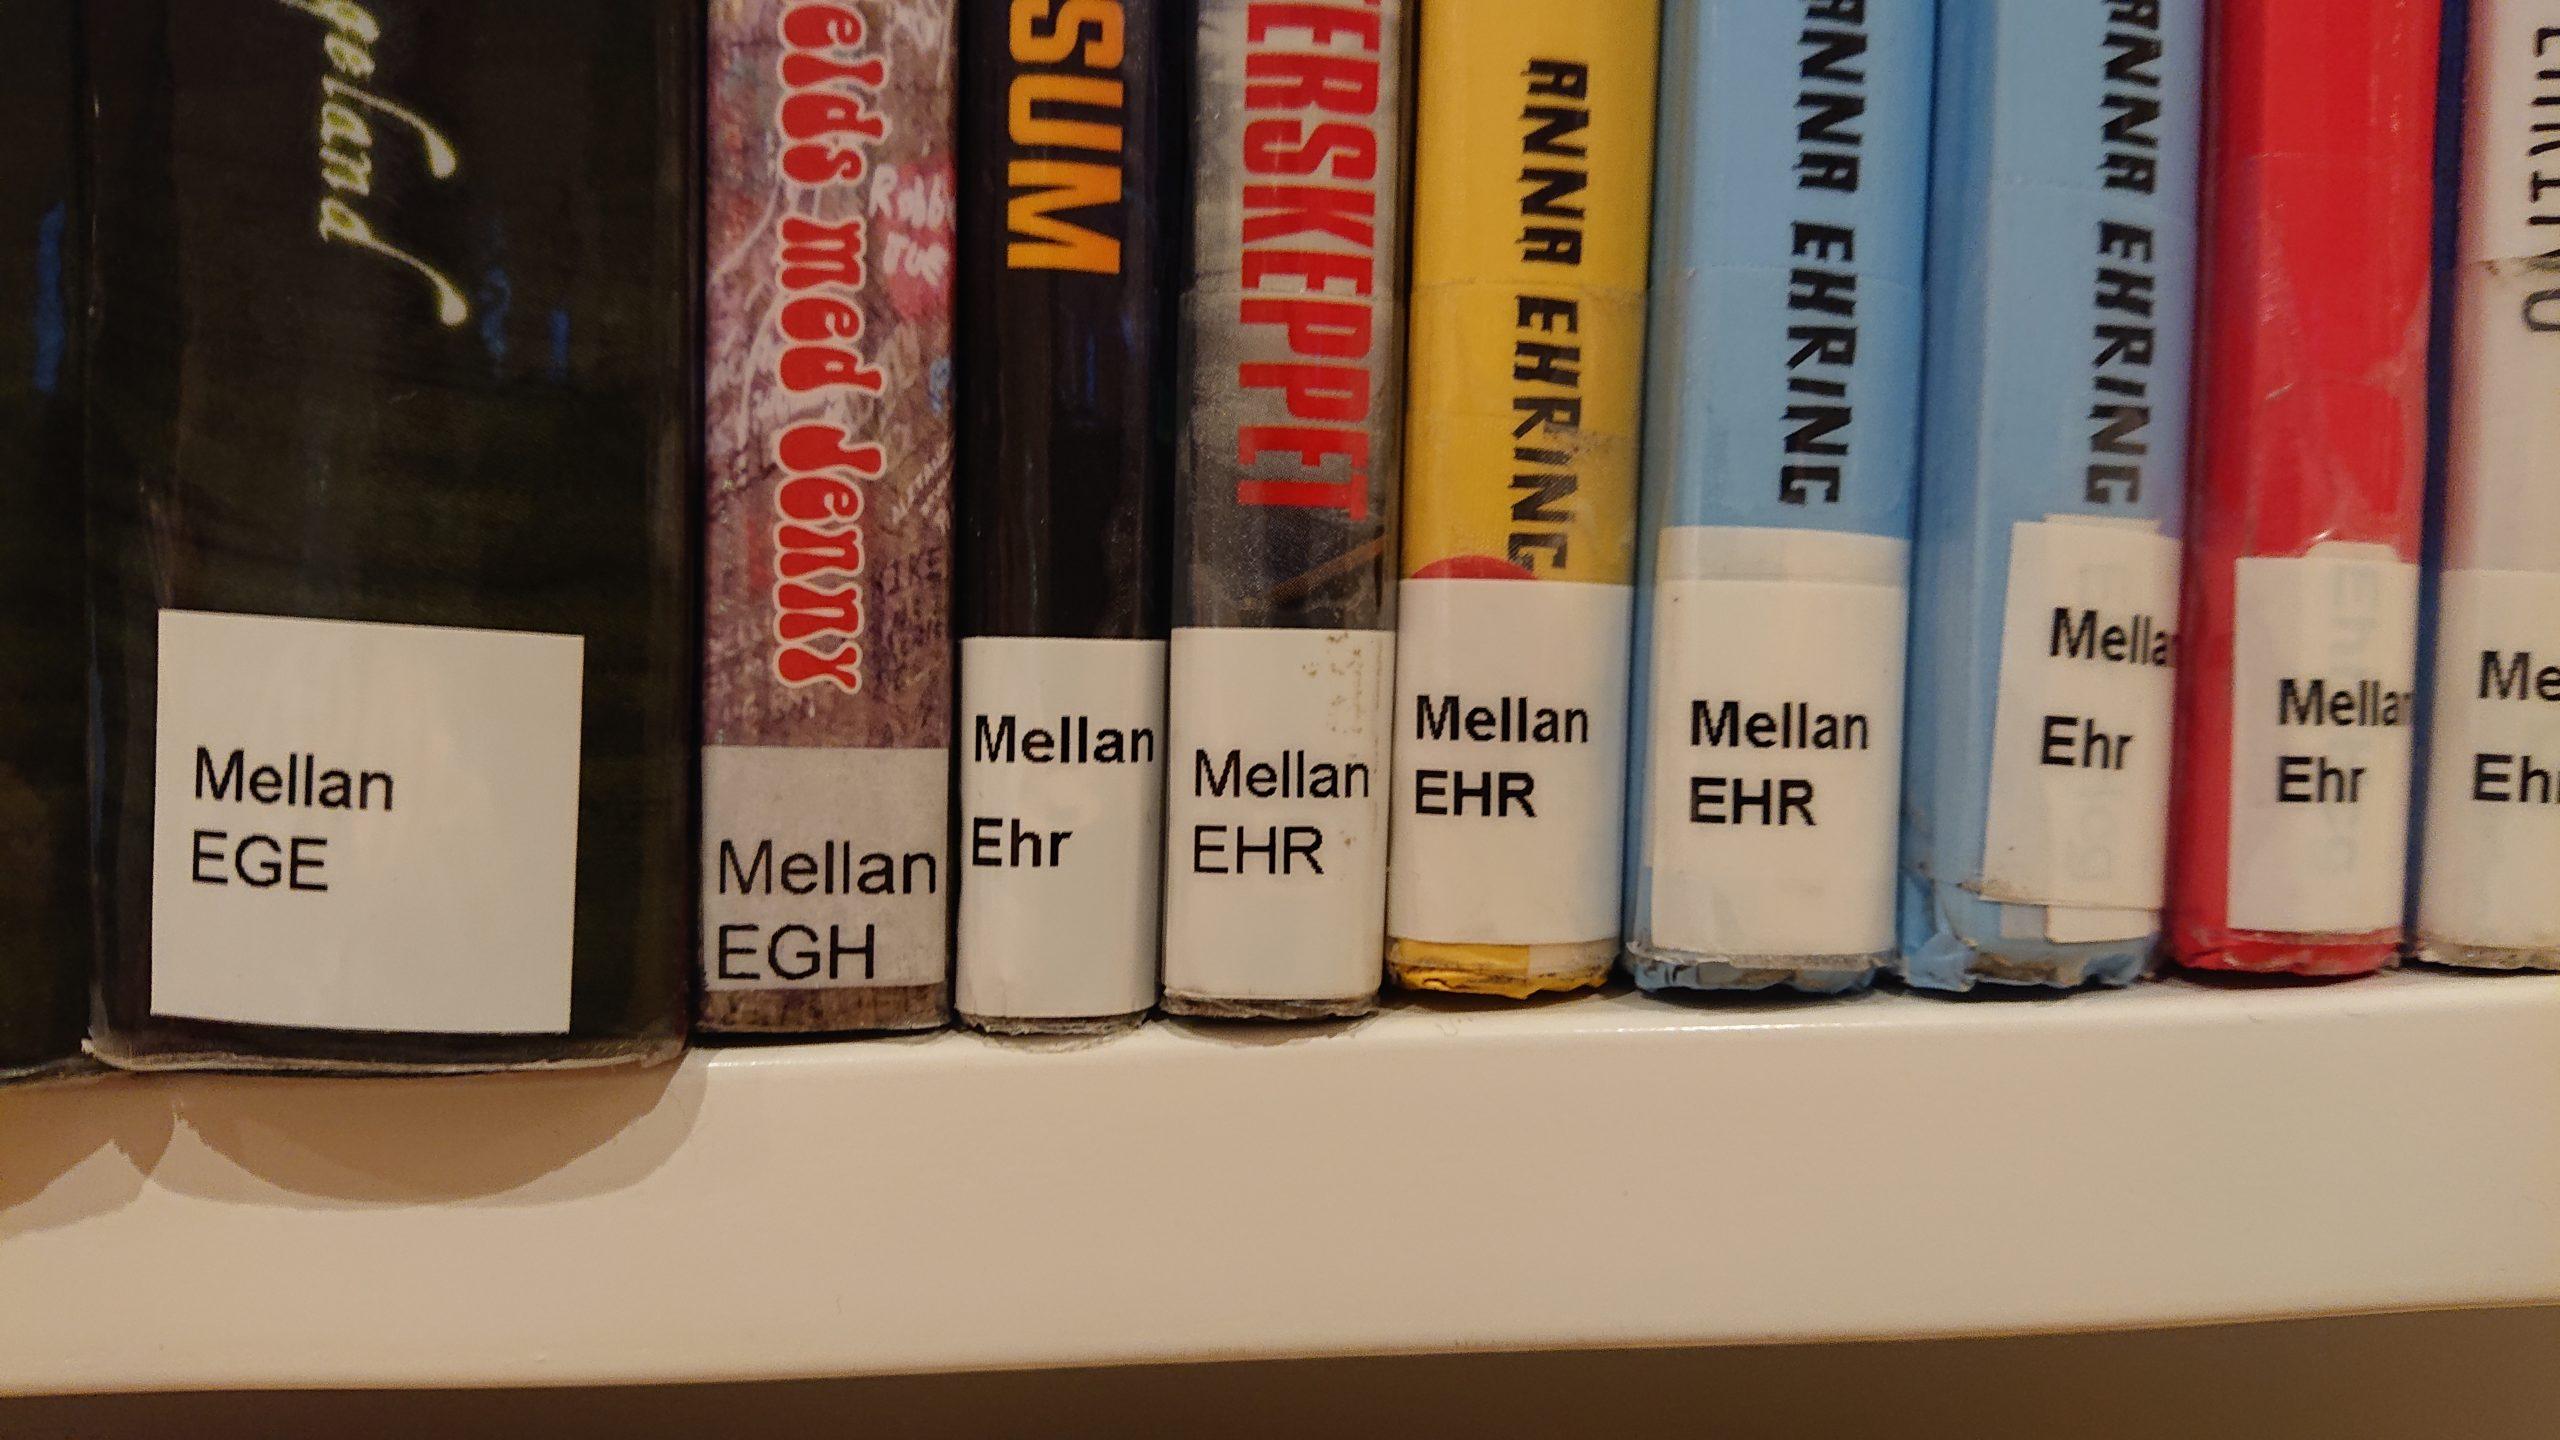 En kvarts hyllmeter böcker från avdelningen för ungdomar. Bibliotikarierna har märkt med hyllsignum enligt Dewey-systemet